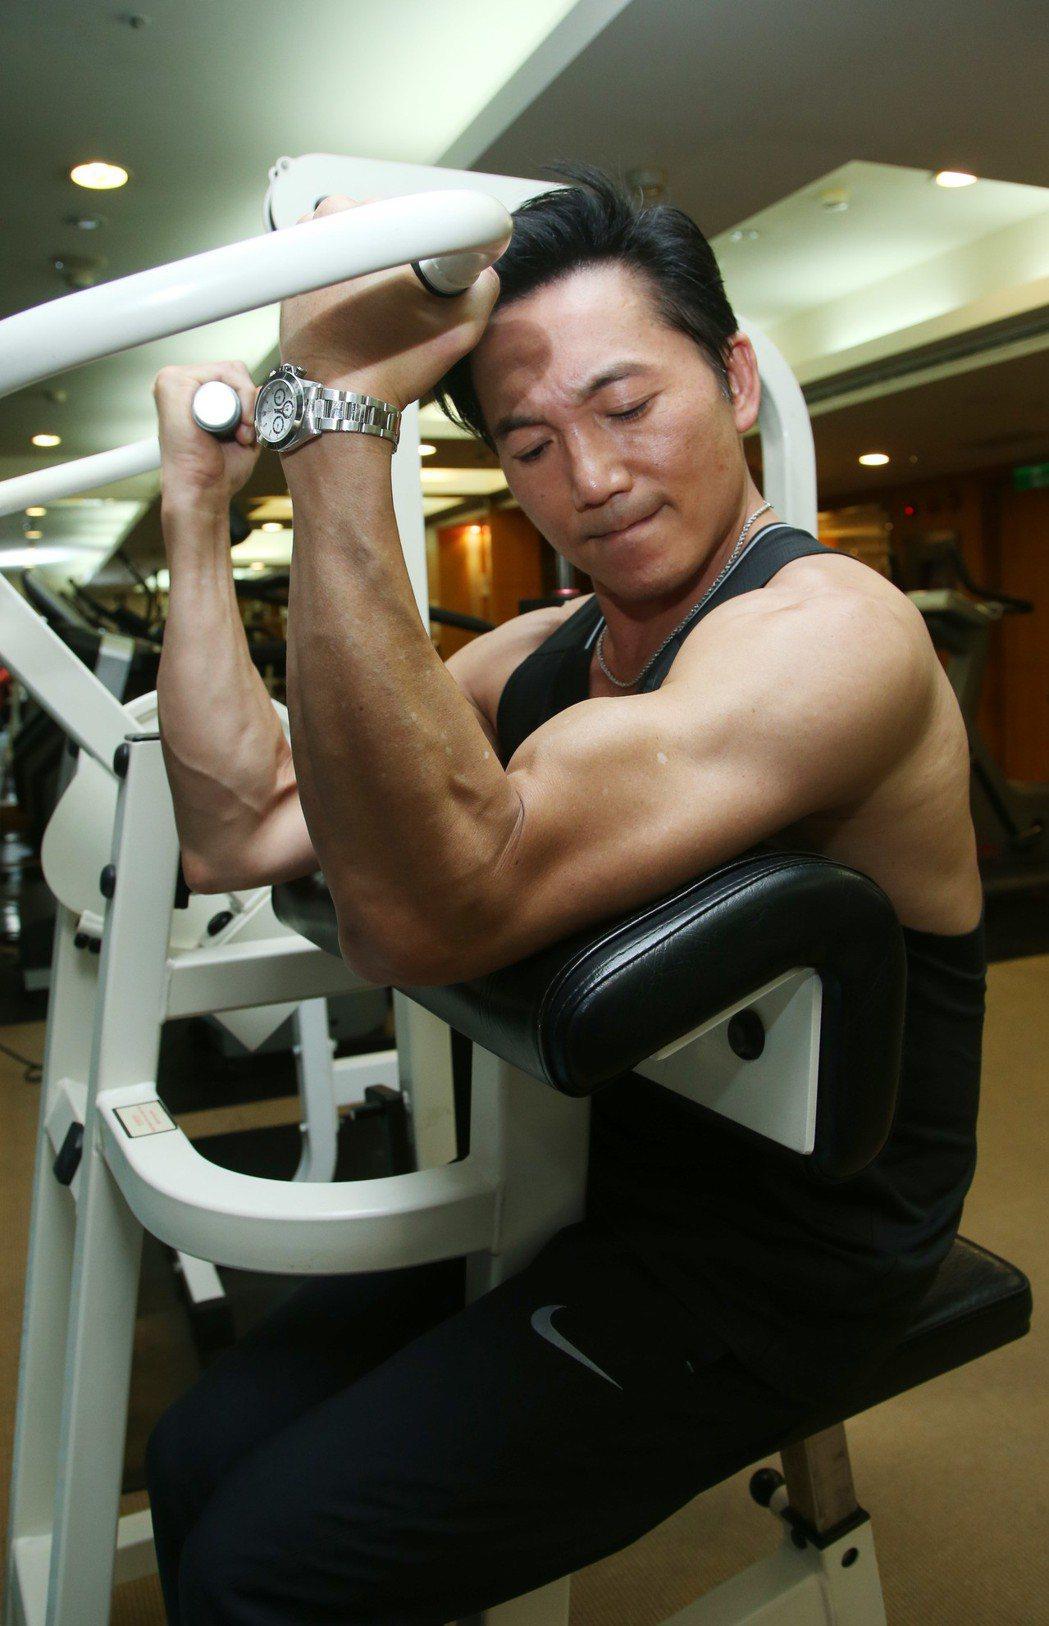 鄒兆龍健身。記者陳瑞源/攝影